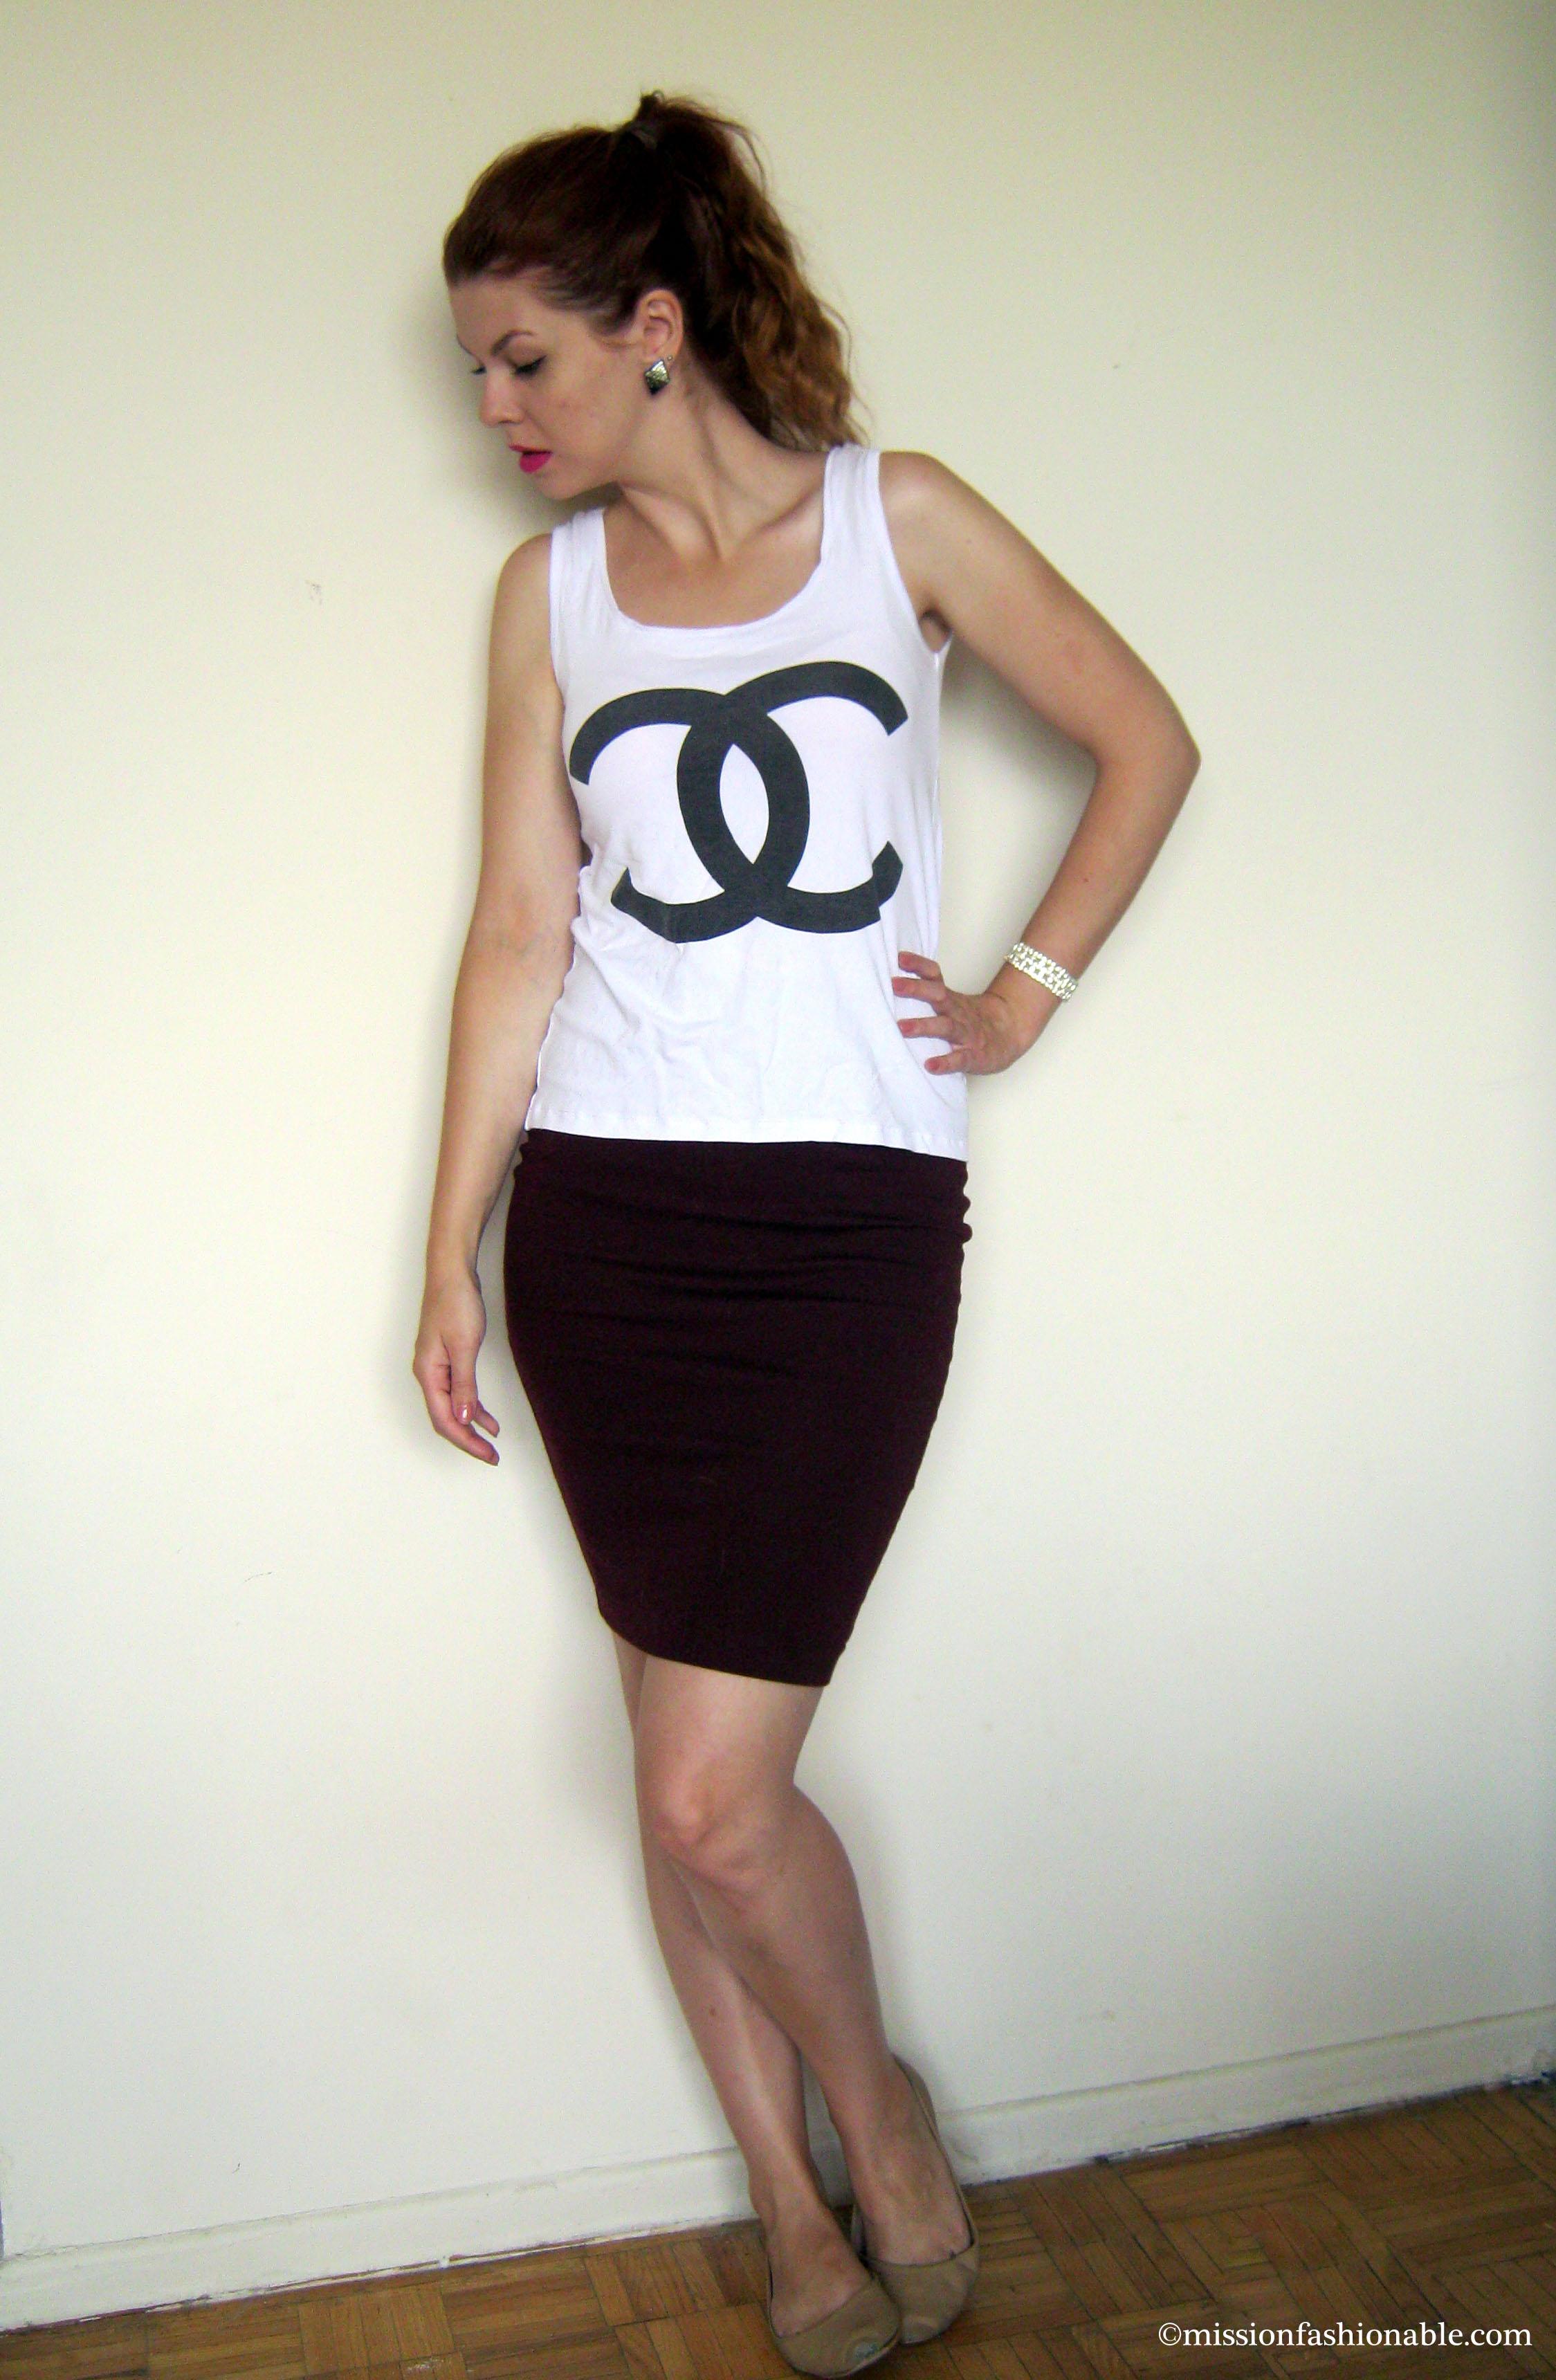 ... Set, Top- 2 Days Look, Skirt- Forever 21, Flats and bracelet- Ardene